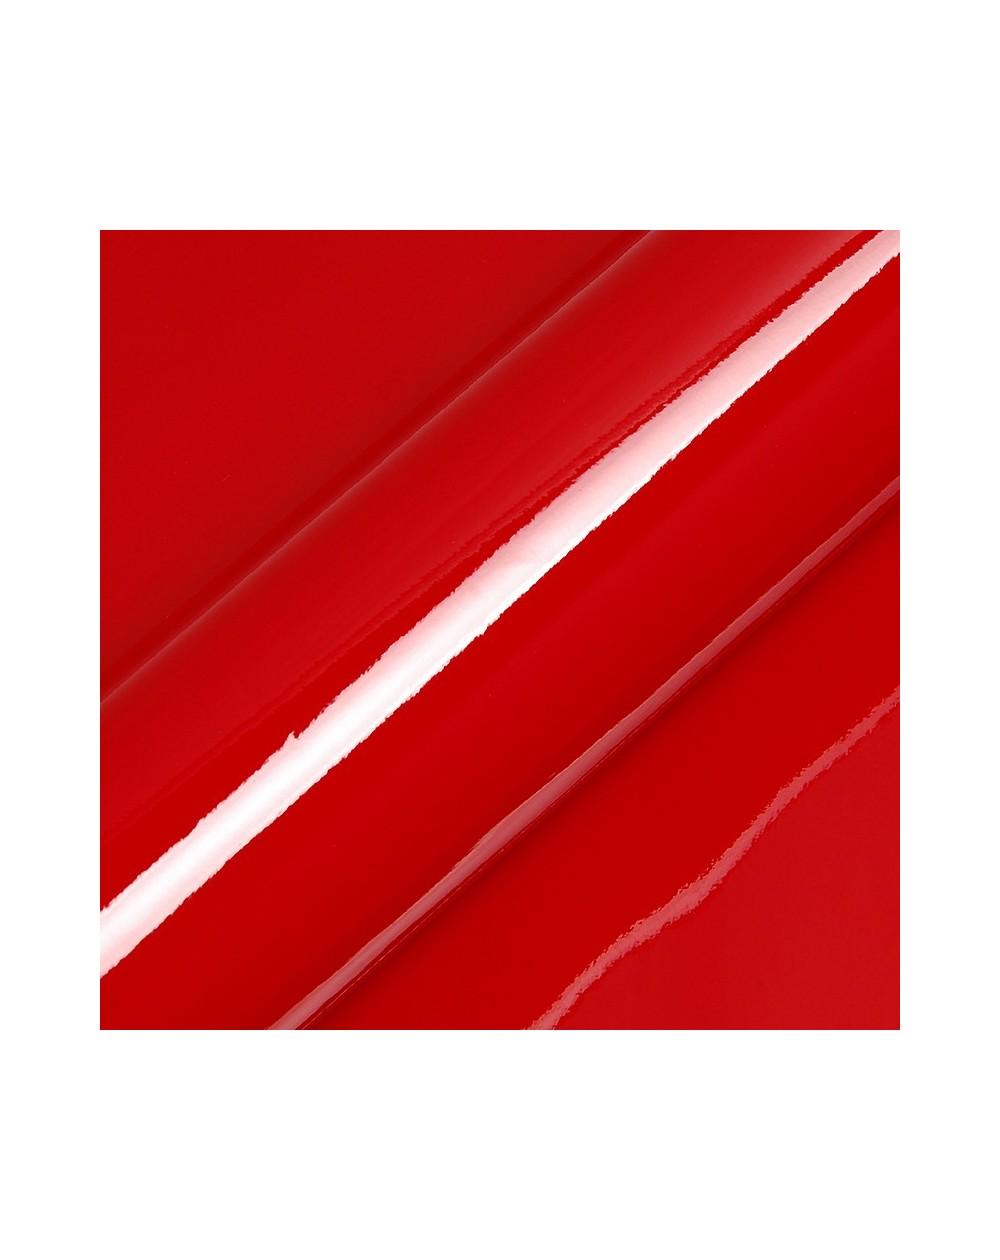 Adhésif de découpe et vitrophanie monomère promotionnel Rouge Rubis